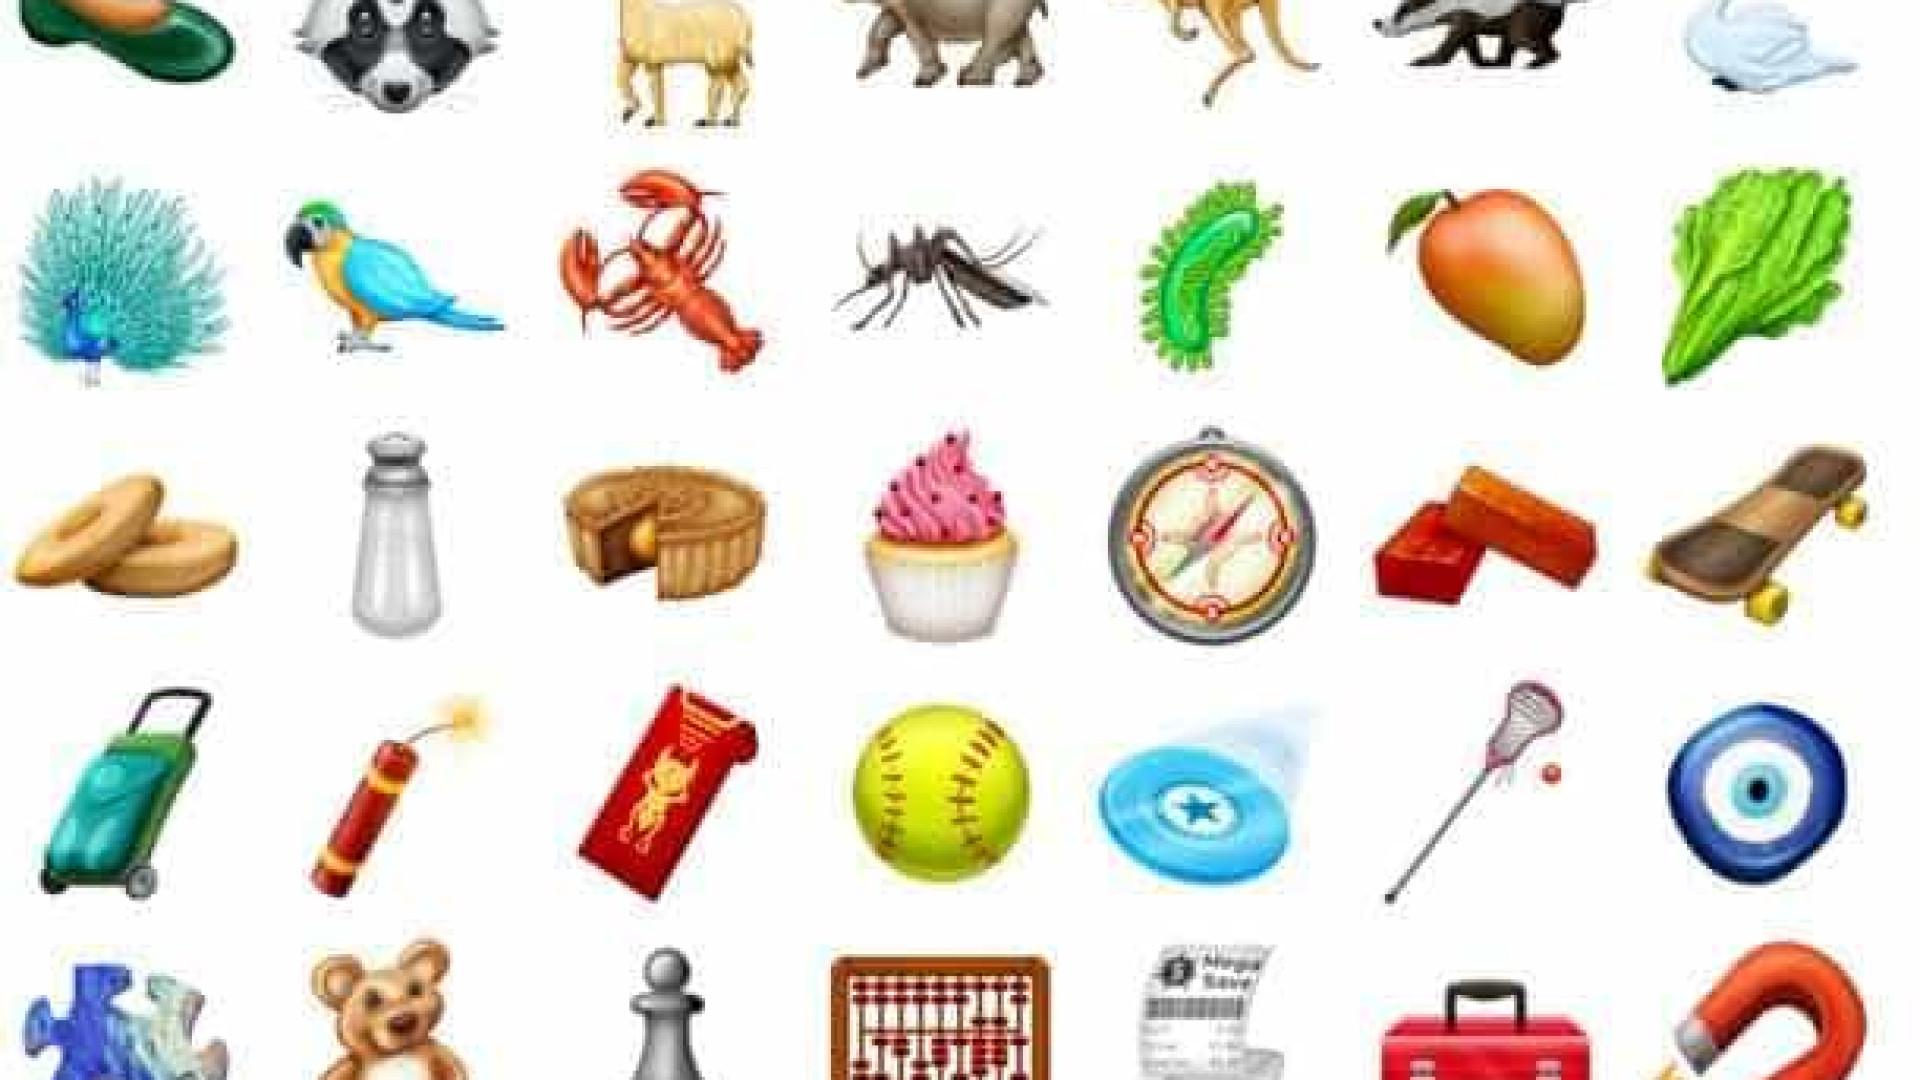 Não consegue visualizar um emoji? Saiba como desvendar a imagem